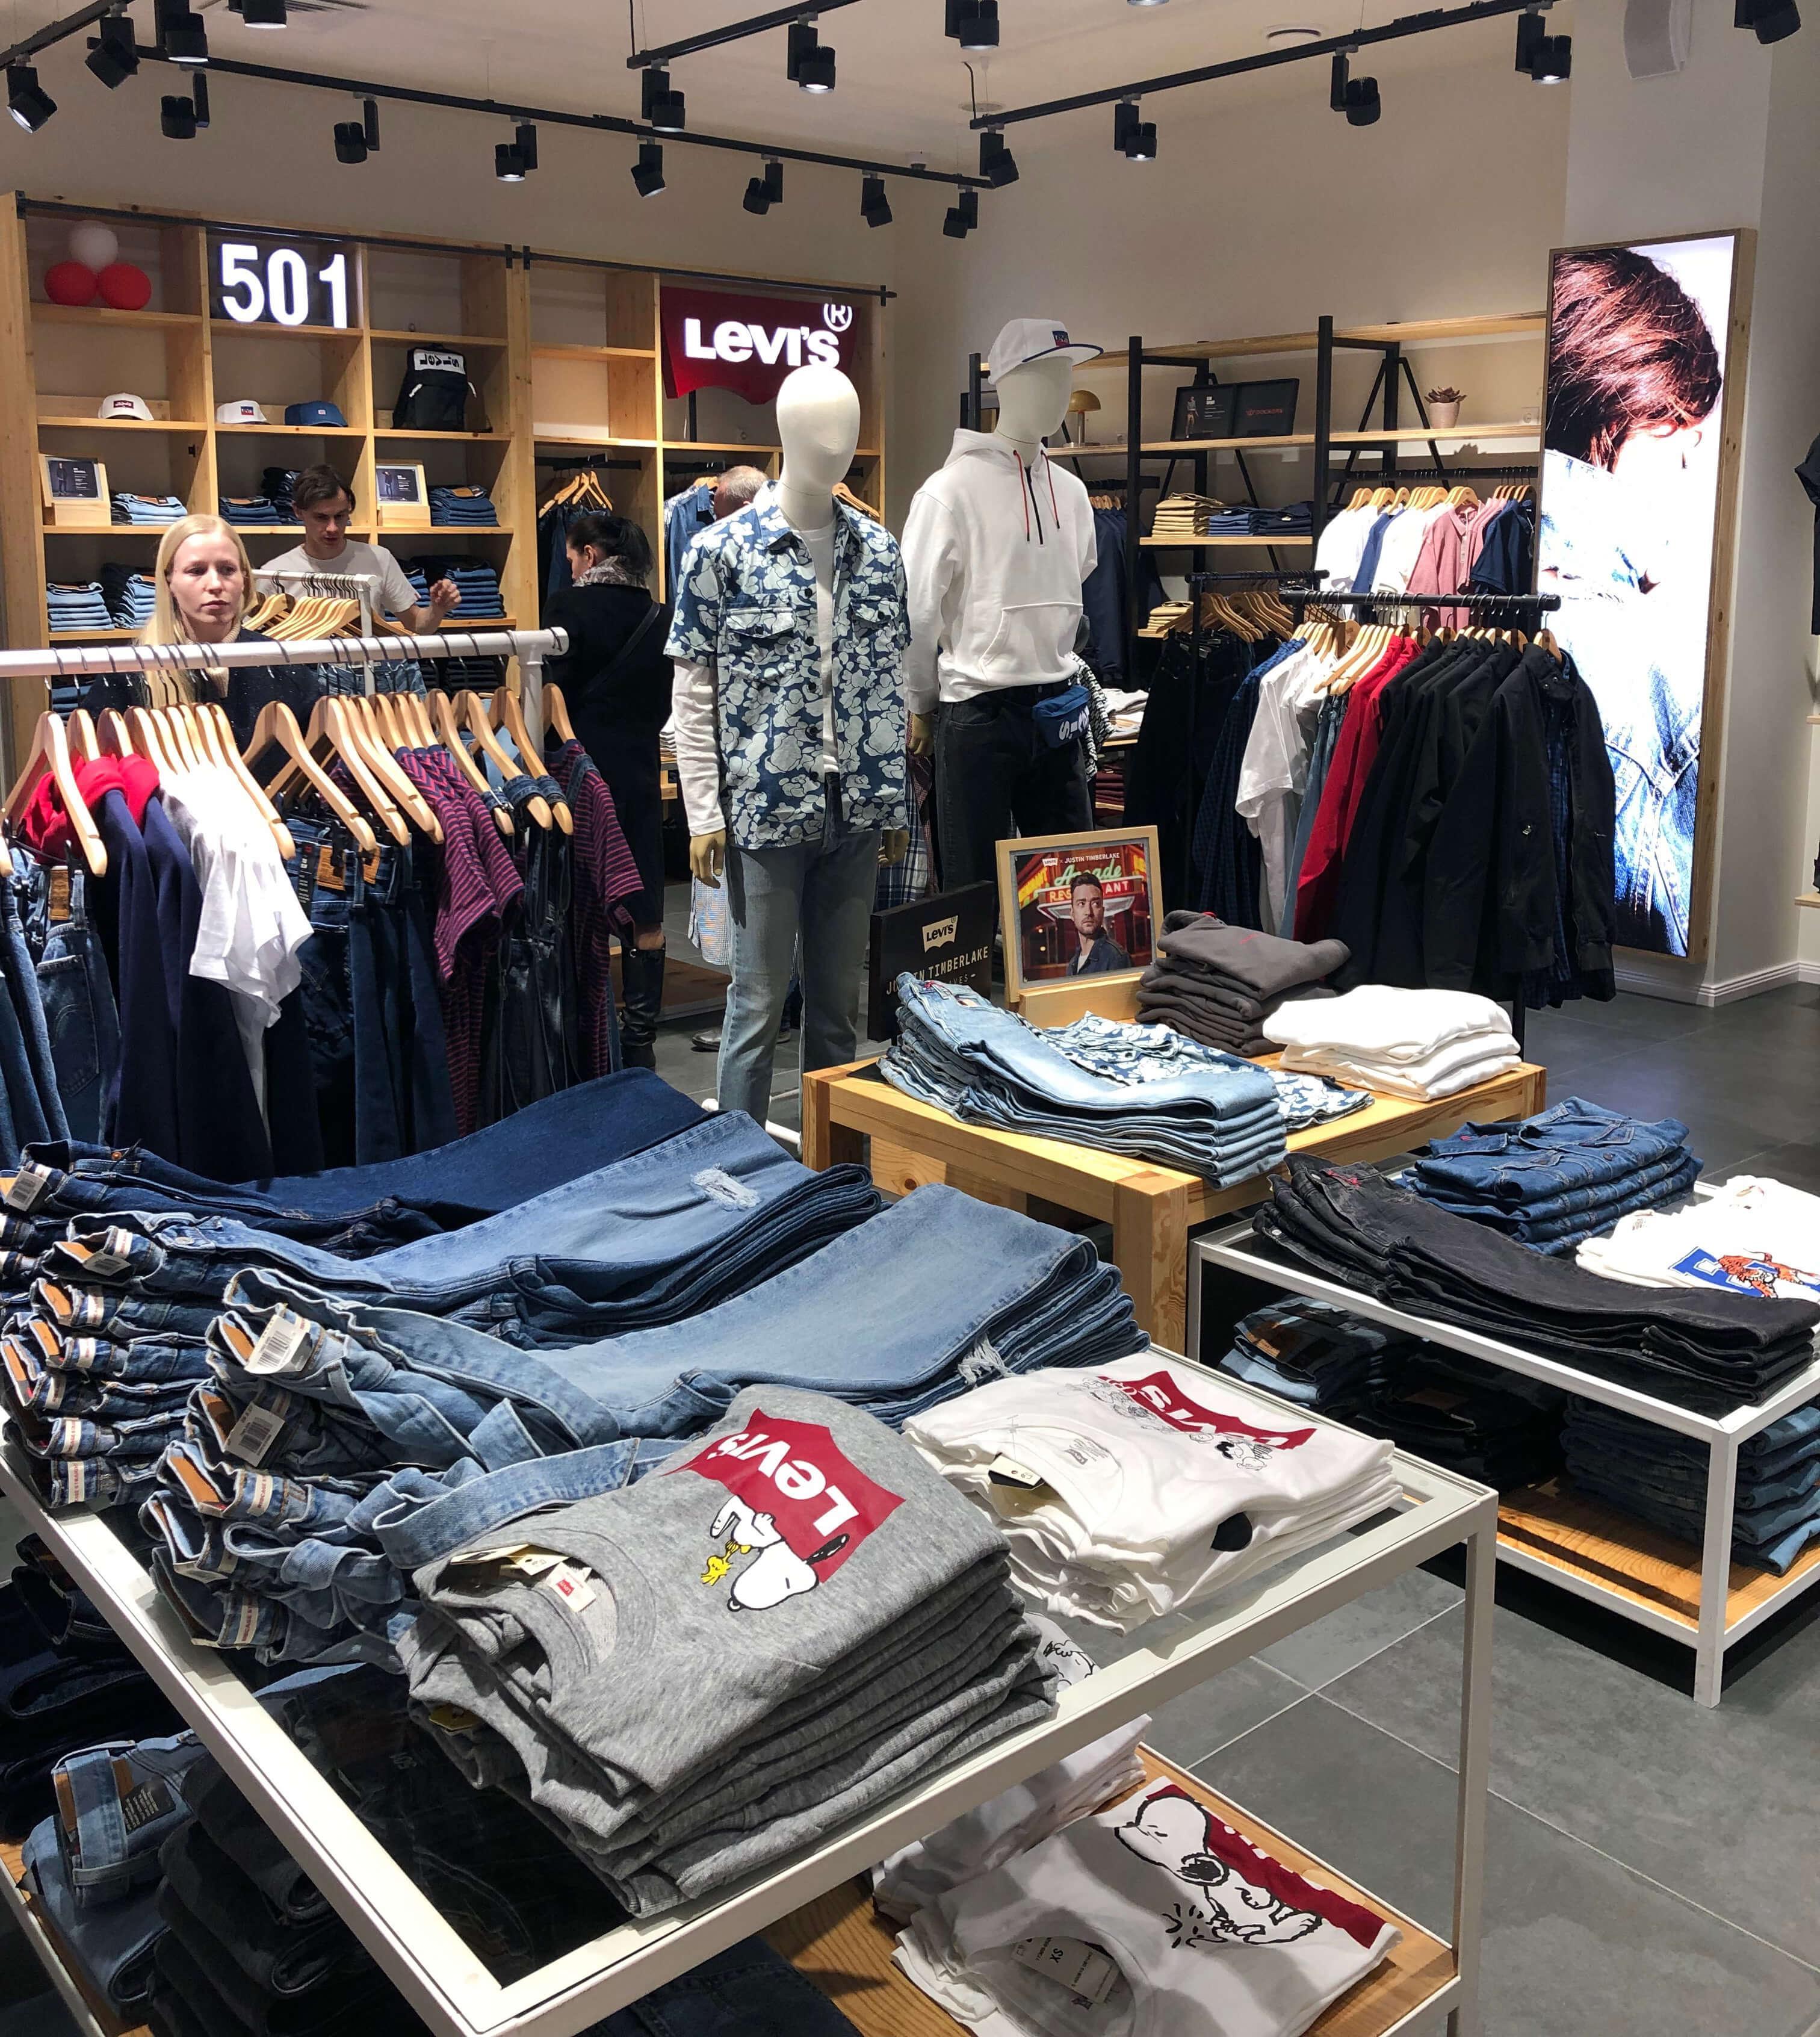 Левис Магазин Одежды Официальный Сайт